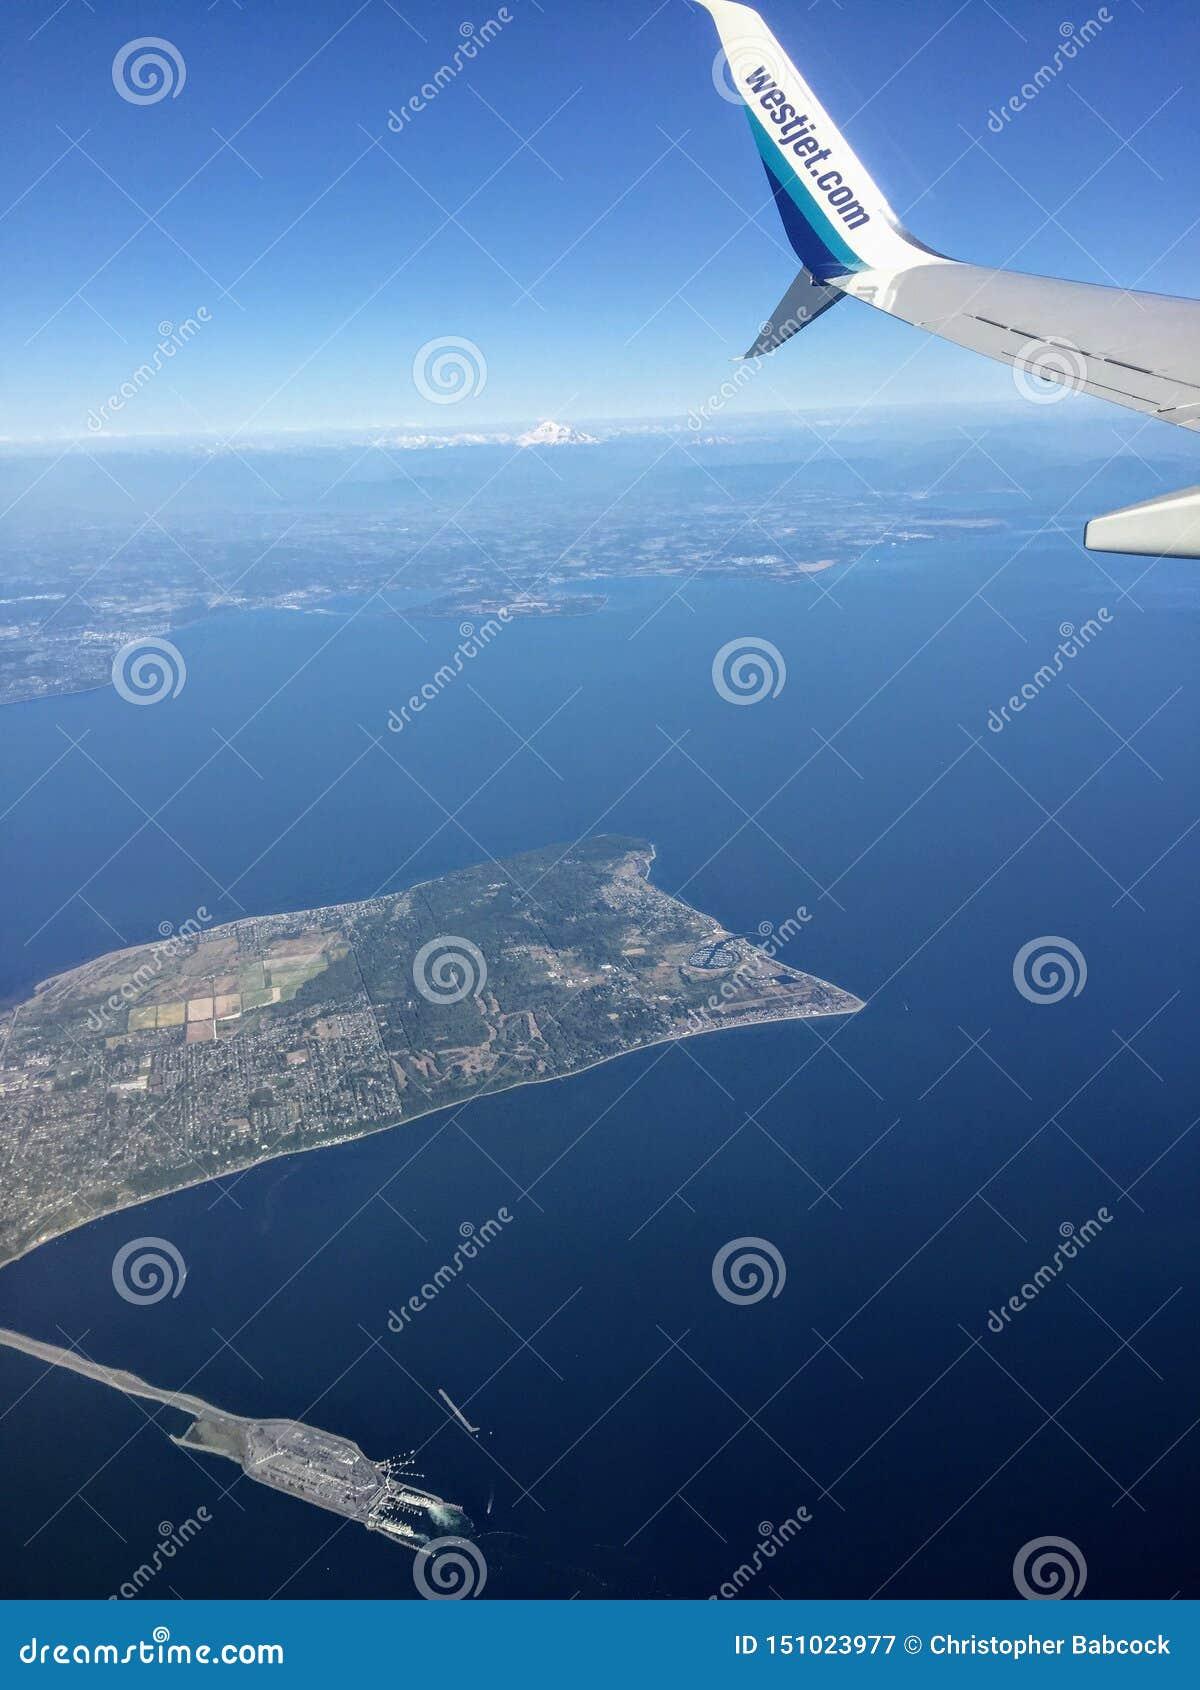 Μια άποψη από το παράθυρο επιβατών ενός φτερού ενός αεροπλάνου Westjet που πετά επάνω από τον ωκεανό μακριά Βικτώριας, Βρετανική